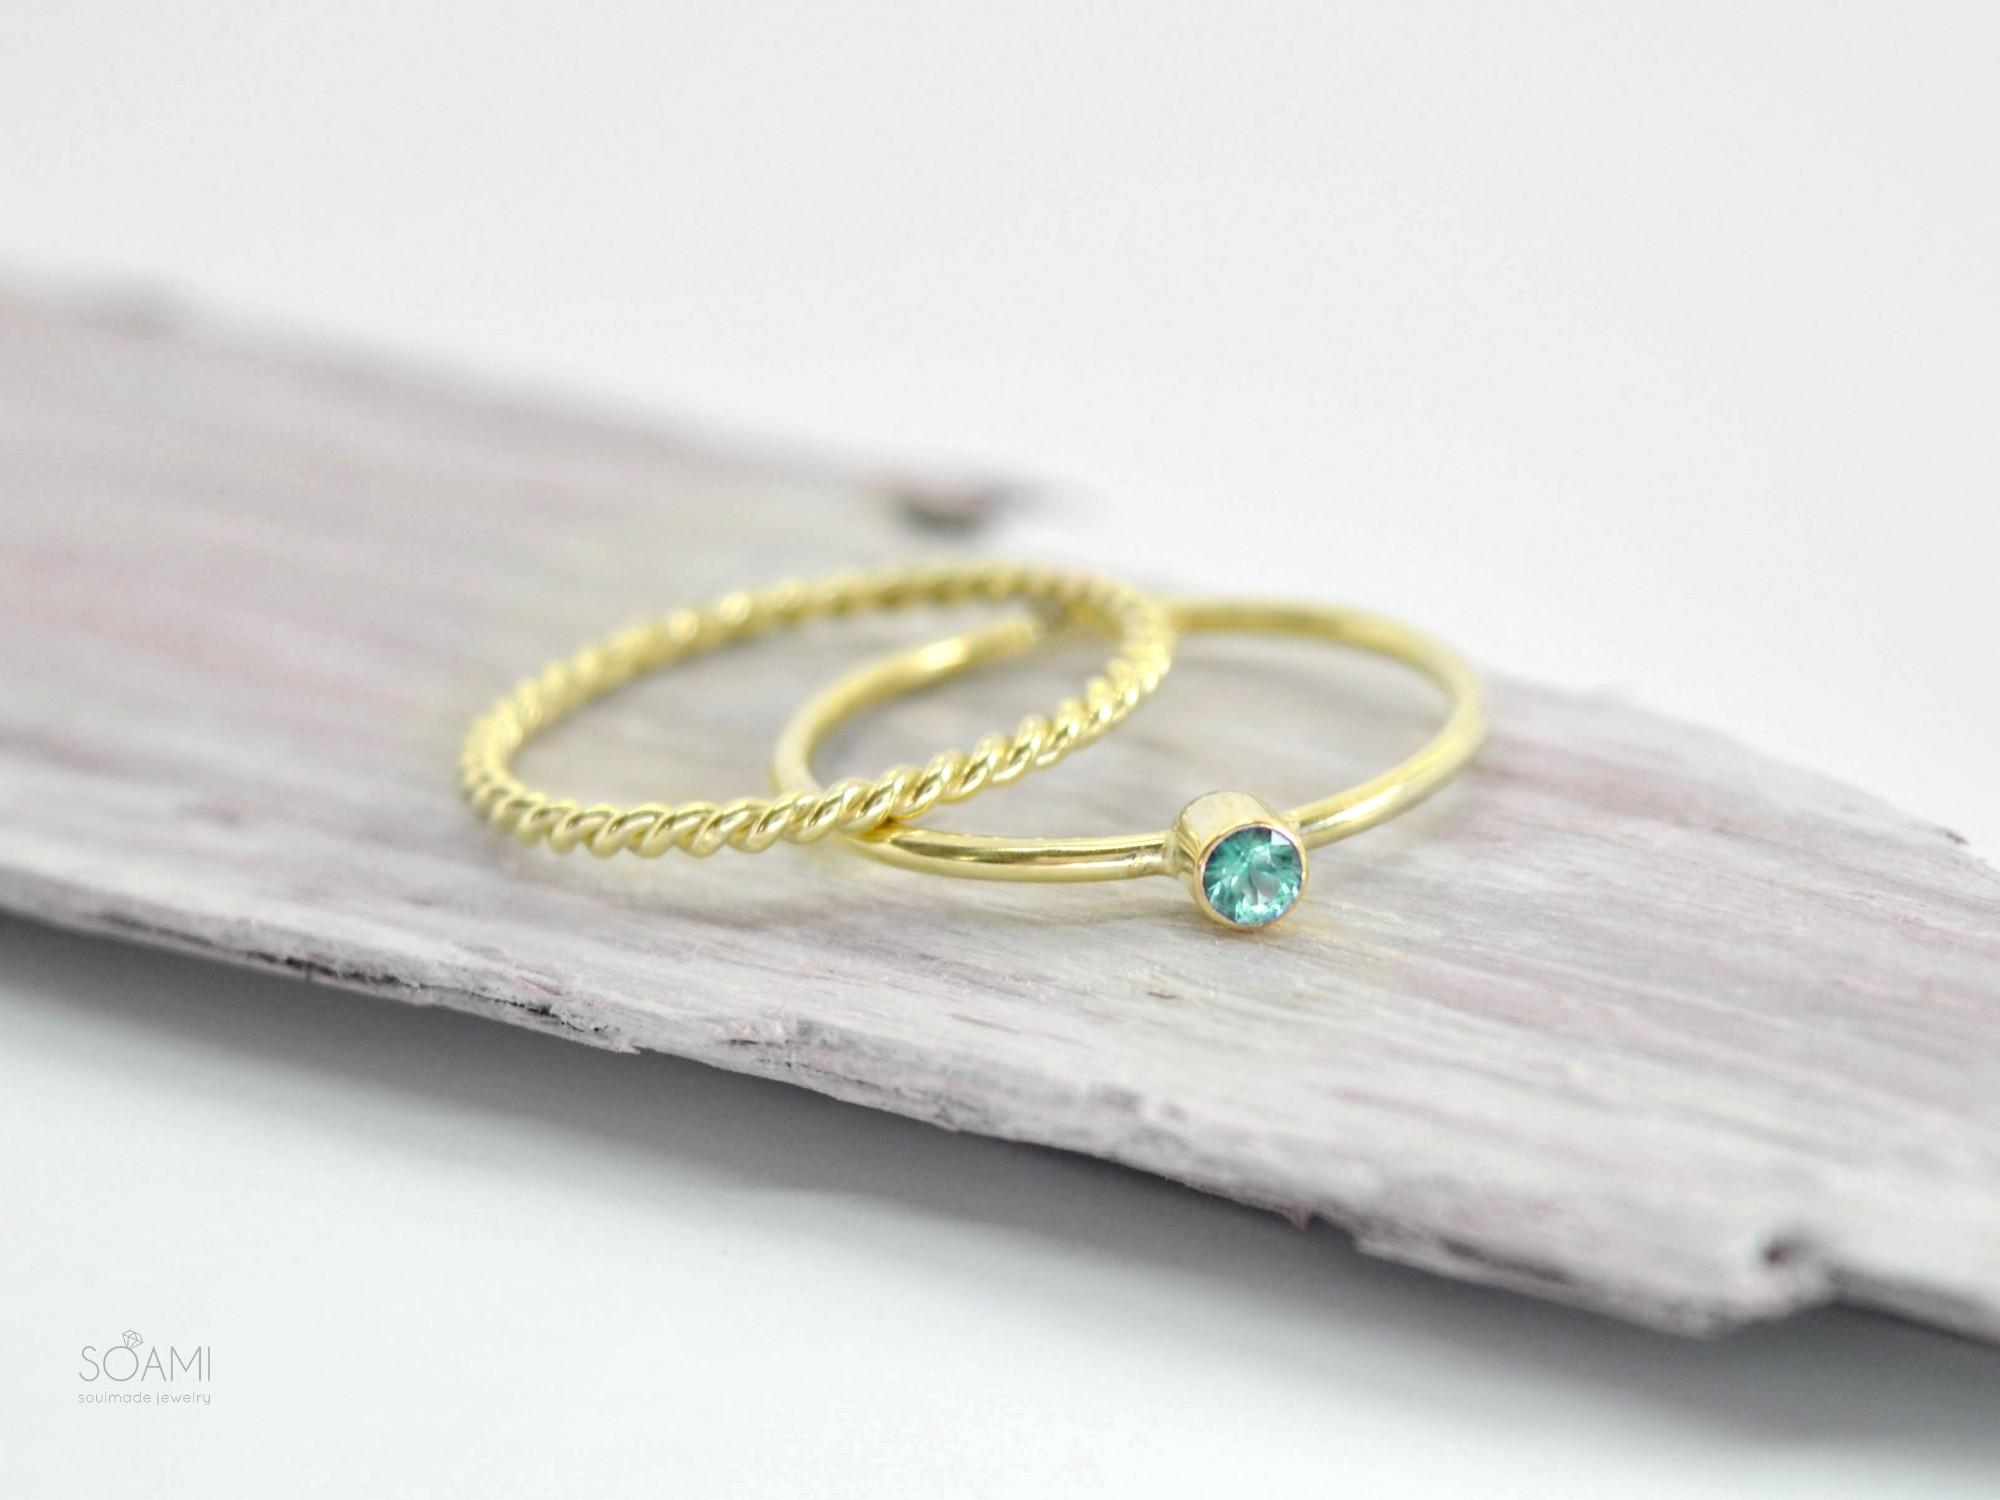 sada zlatých prstenů se smargdem